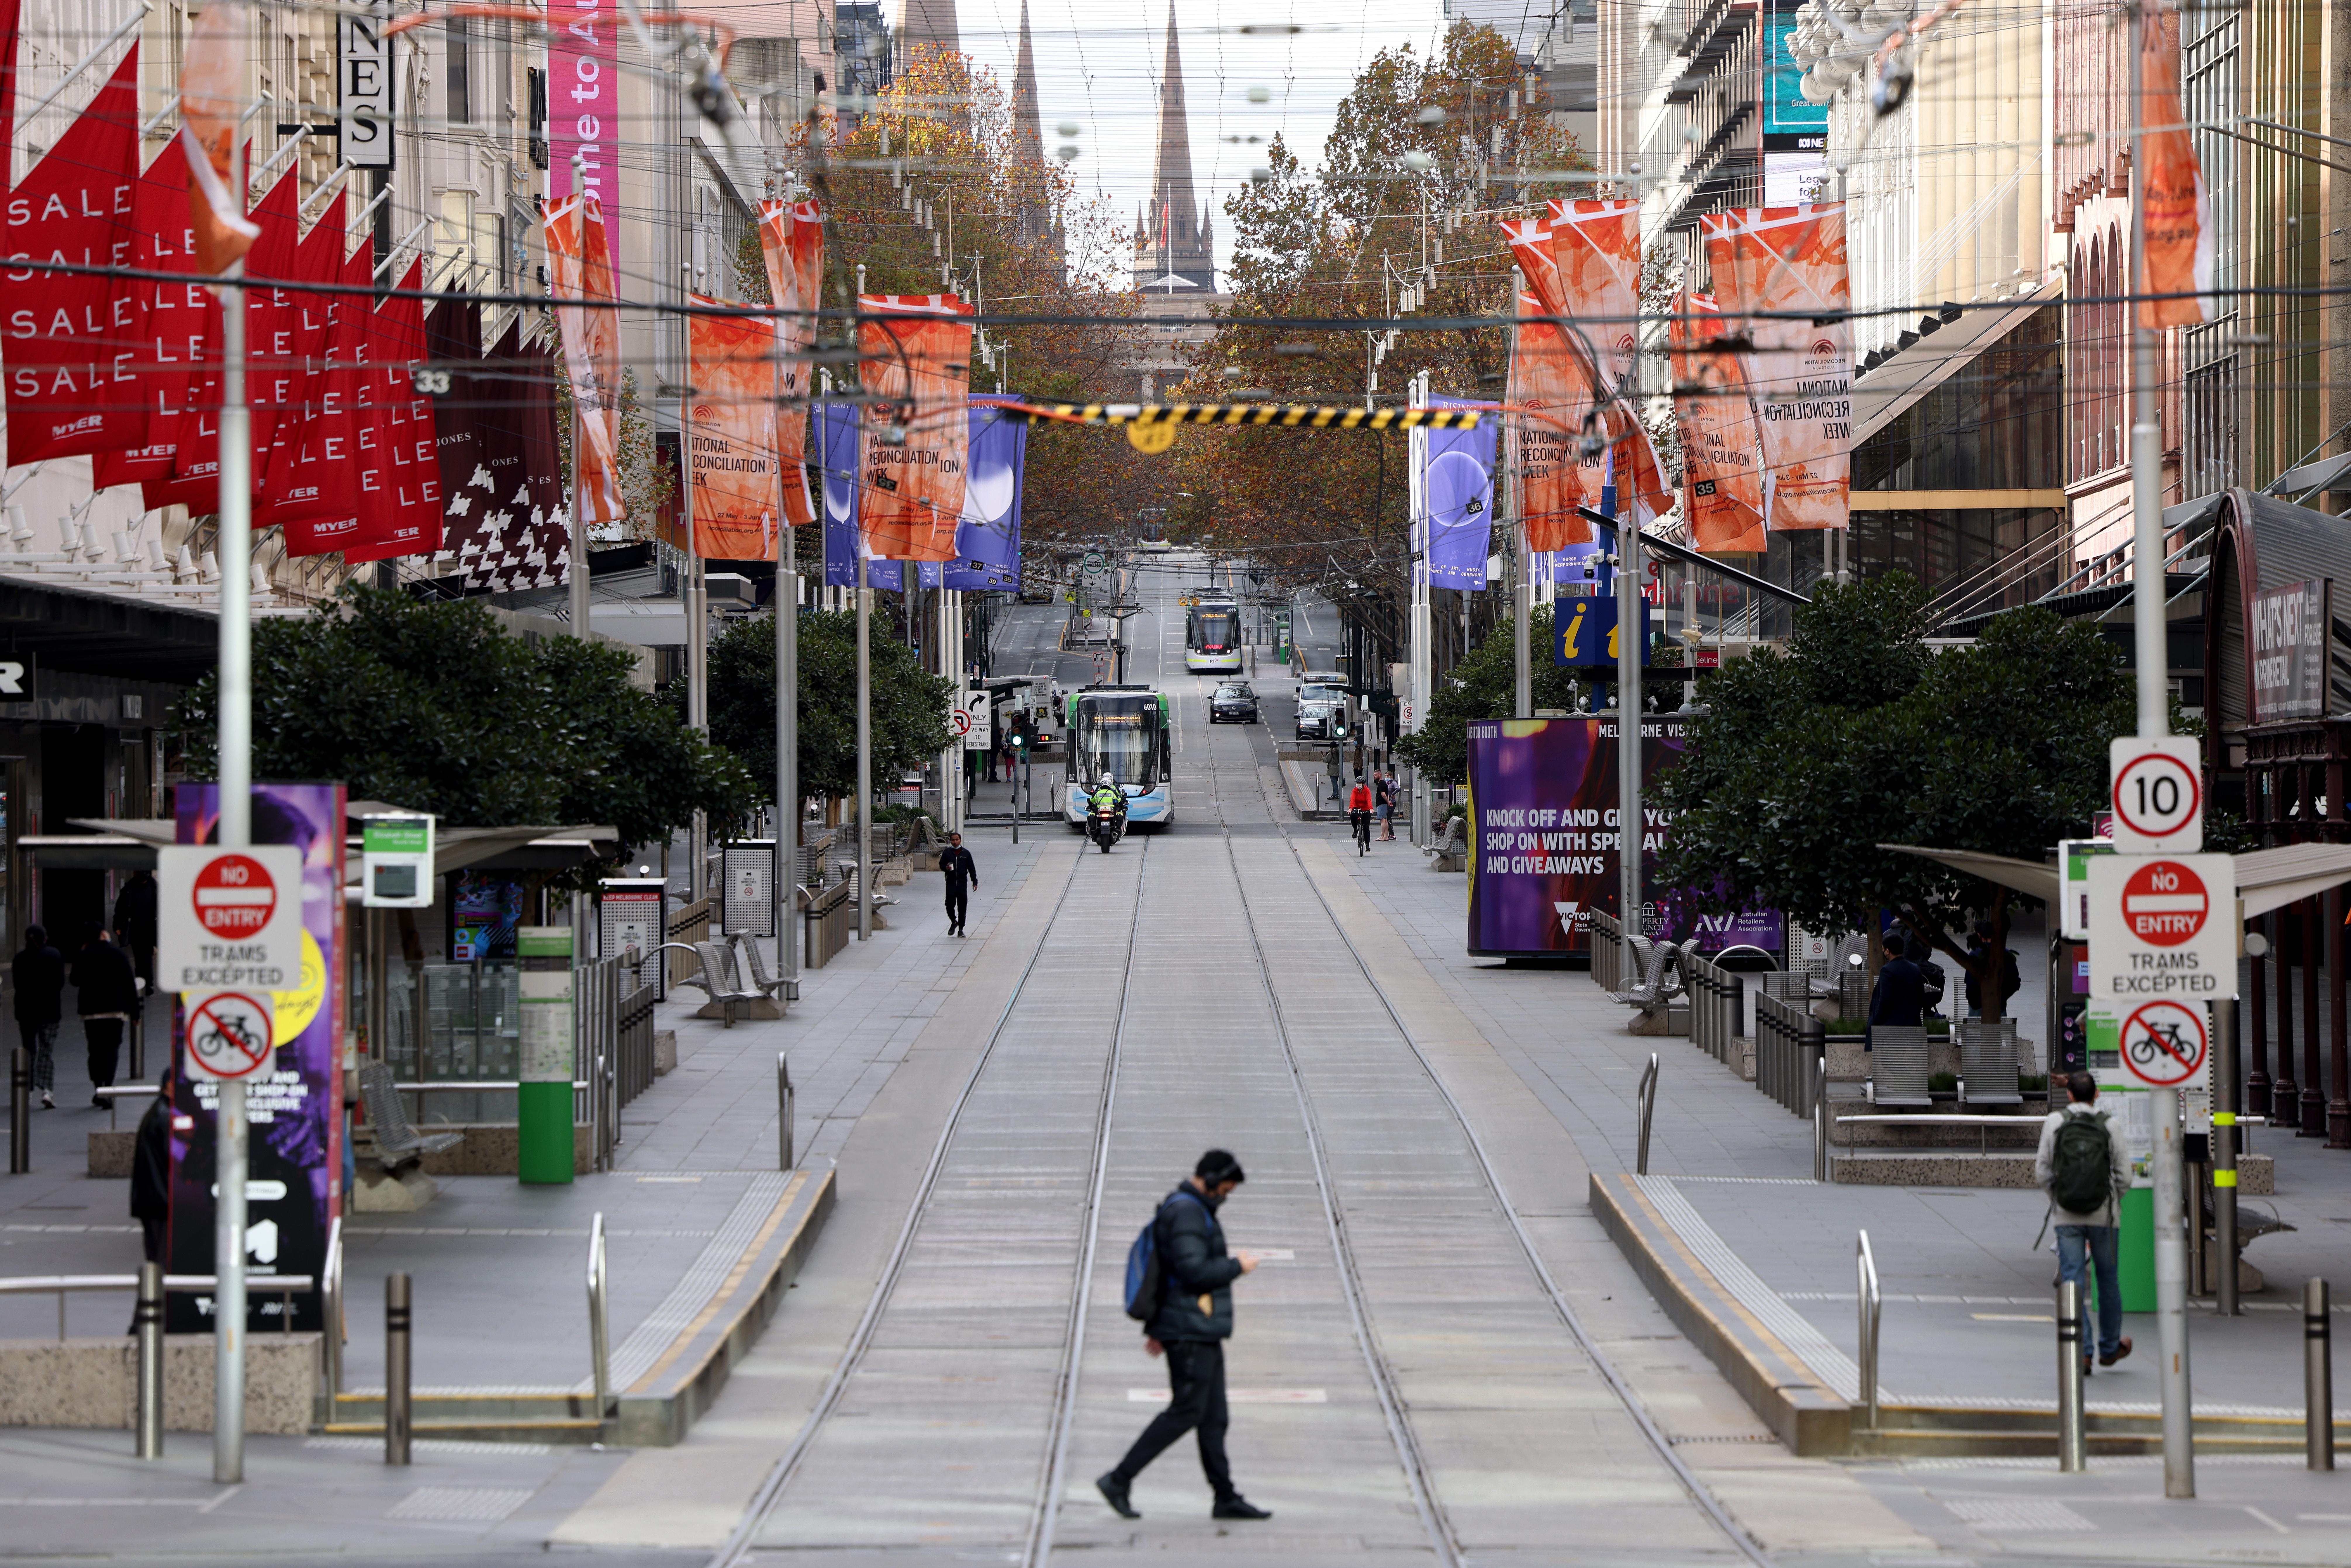 Scenes from Melbourne in lockdown